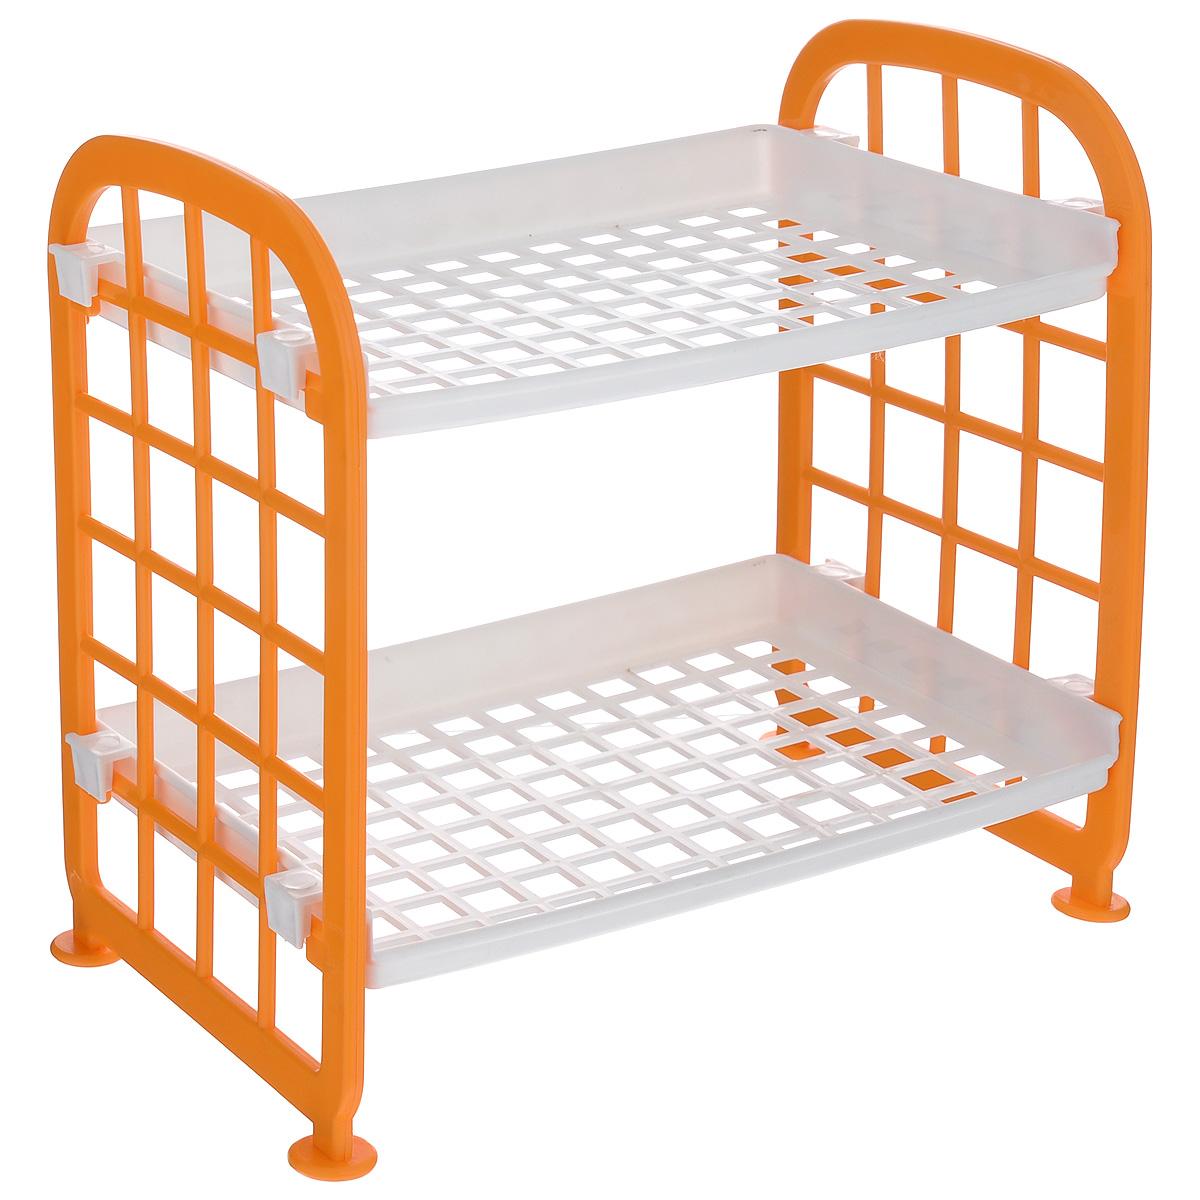 Этажерка Sima-land, 2-х ярусная, цвет: белый, оранжевый, 21 х 14 х 21 см862452_оранжевыйЭтажерка Sima-land выполнена из высококачественного прочного пластика в виде двухъярусной кровати. Содержит 2 прямоугольные полки, оформленные перфорацией в виде квадратов. Этажерка предназначена для хранения различных бытовых предметов в ванне, комнате и на кухне. Легко складывается и раскладывается. Размер этажерки (ДхШхВ): 21 см х 14 см х 21 см. Размер полки (ДхШхВ): 21 см х 14 см х 2 см.